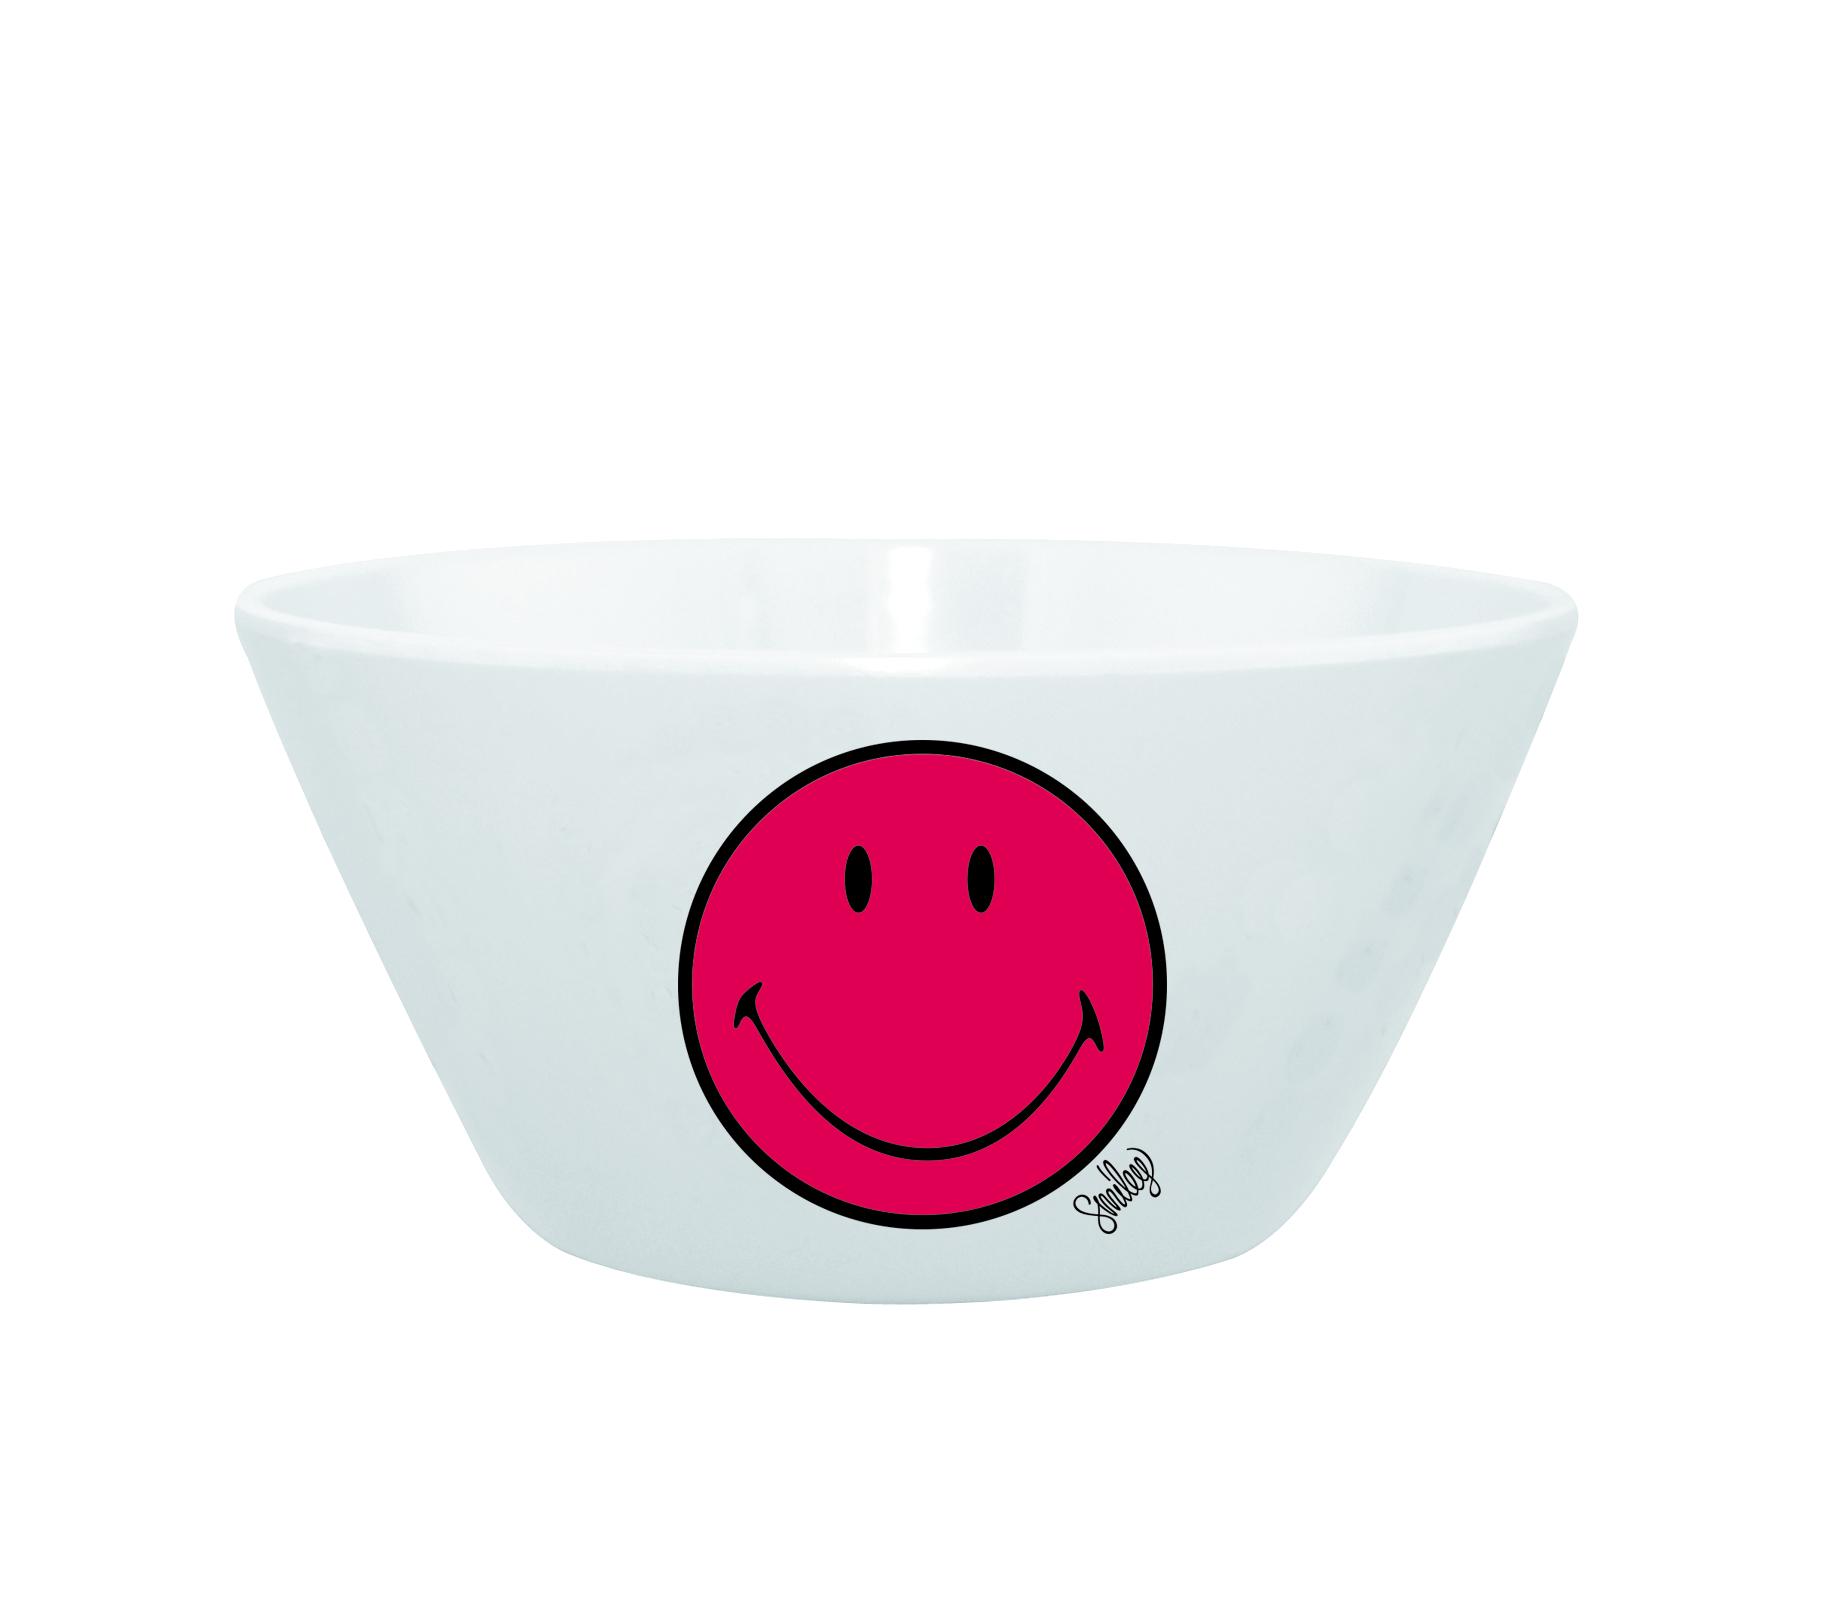 Mini Bol pentru cereale Smiley Visiniu/Alb, Ø15 cm imagine